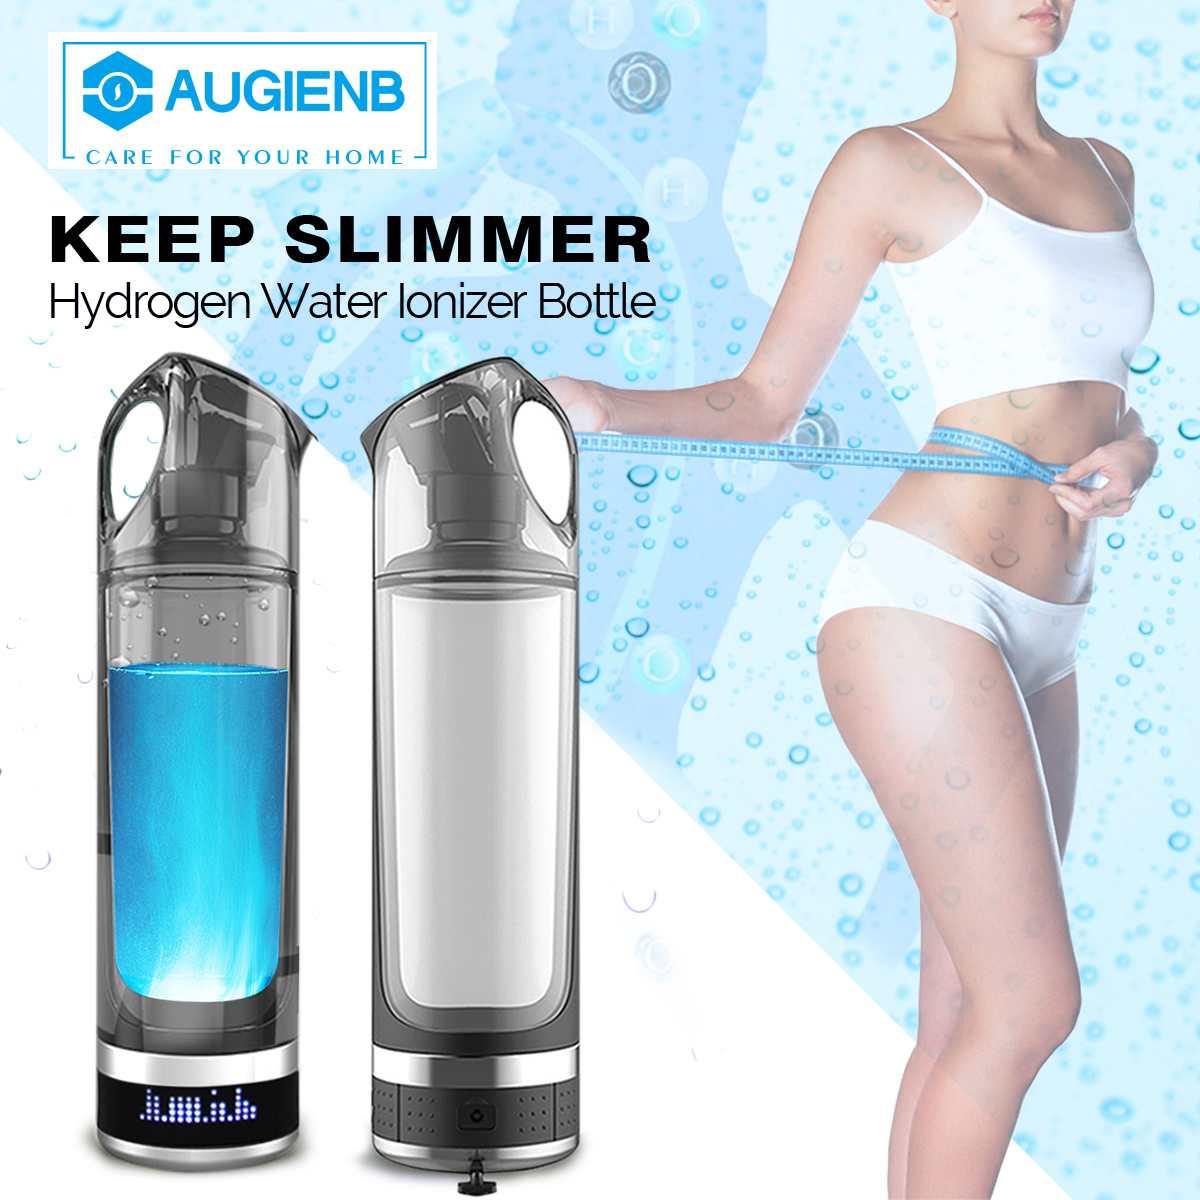 Augienb здоровый антивозрастной водород богатая бутылка воды генератор 500 мл светодиодный дисплей водород богатая вода чайник ионизатор BPA-free